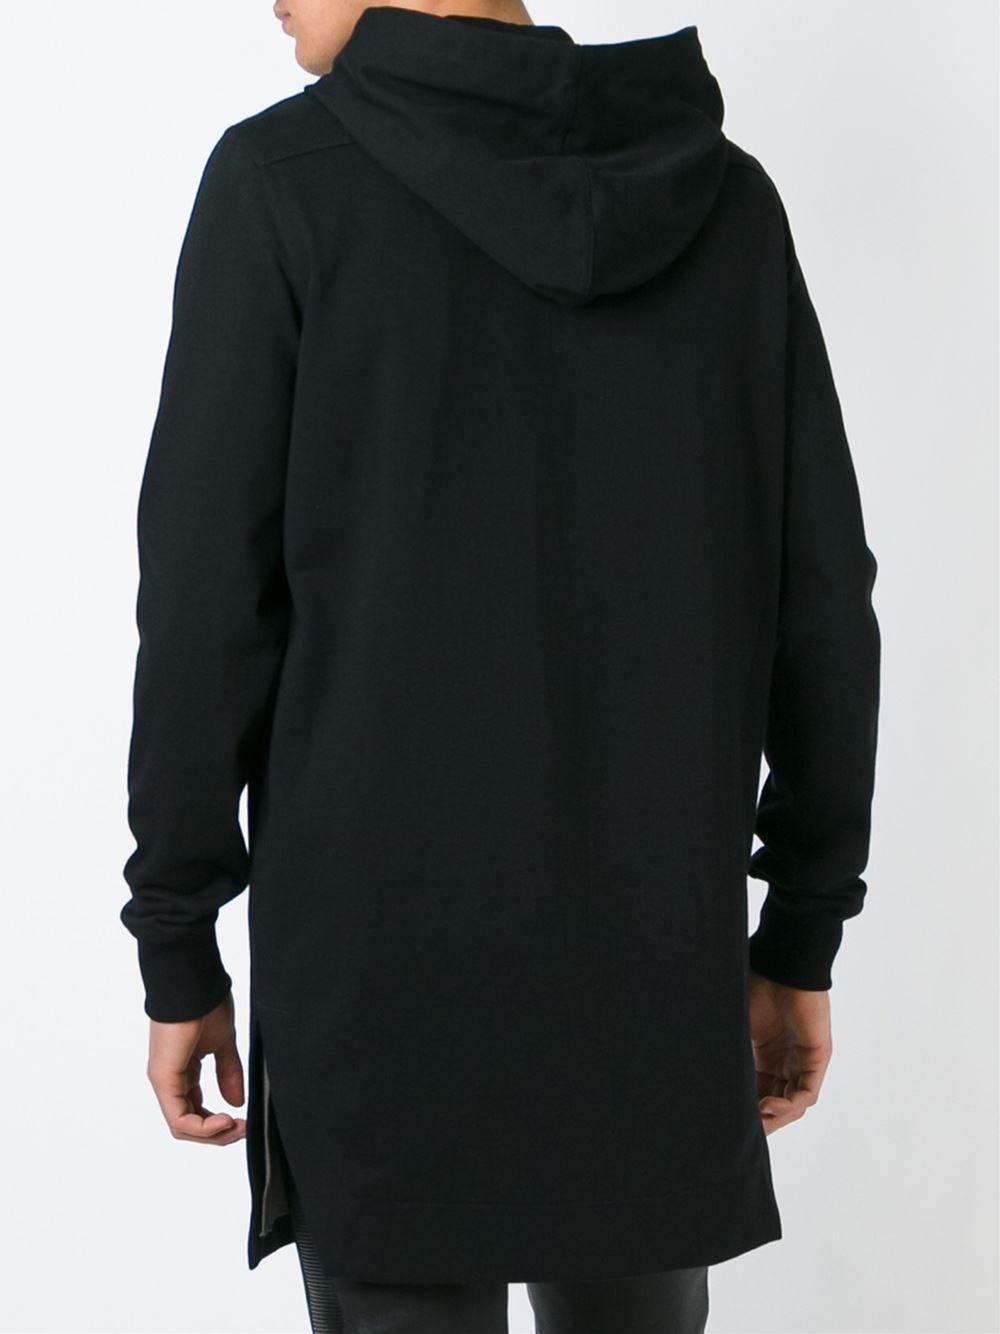 Mens long hoodie